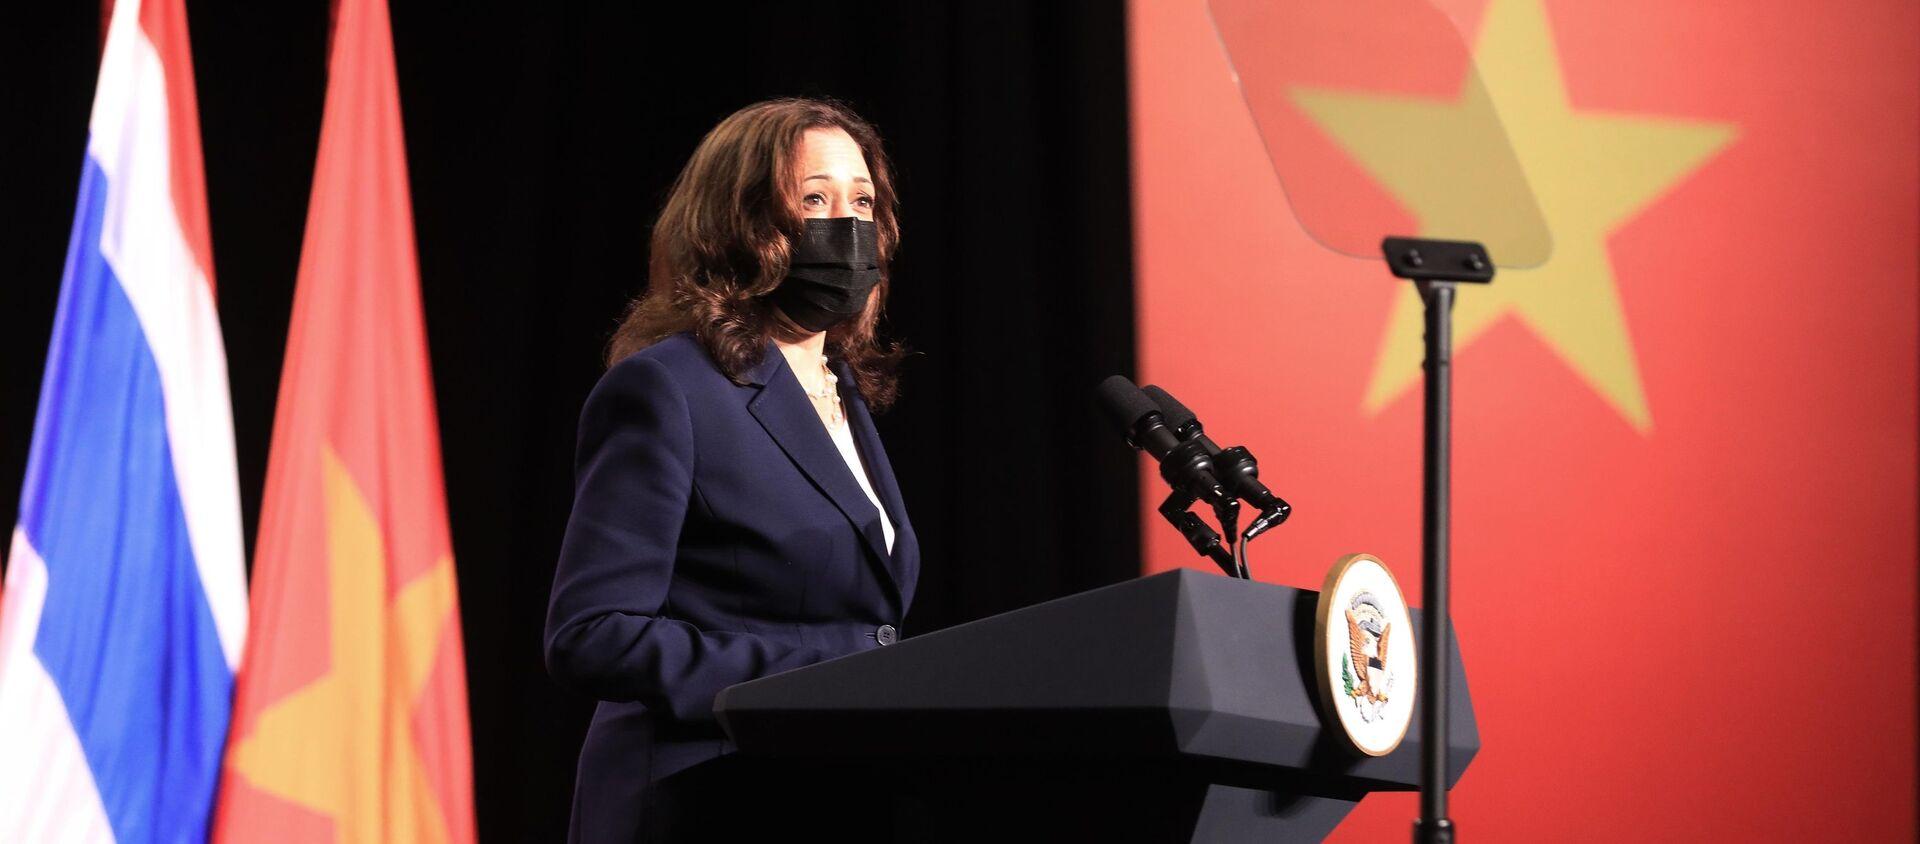 Phó Tổng thống Hoa Kỳ Kamala Haris phát biểu tại Lễ khai trương Văn phòng khu vực Đông Nam Á của Trung tâm Phòng ngừa và Kiểm soát Bệnh tật Hoa Kỳ (USCDC) tại Hà Nội - Sputnik Việt Nam, 1920, 26.08.2021